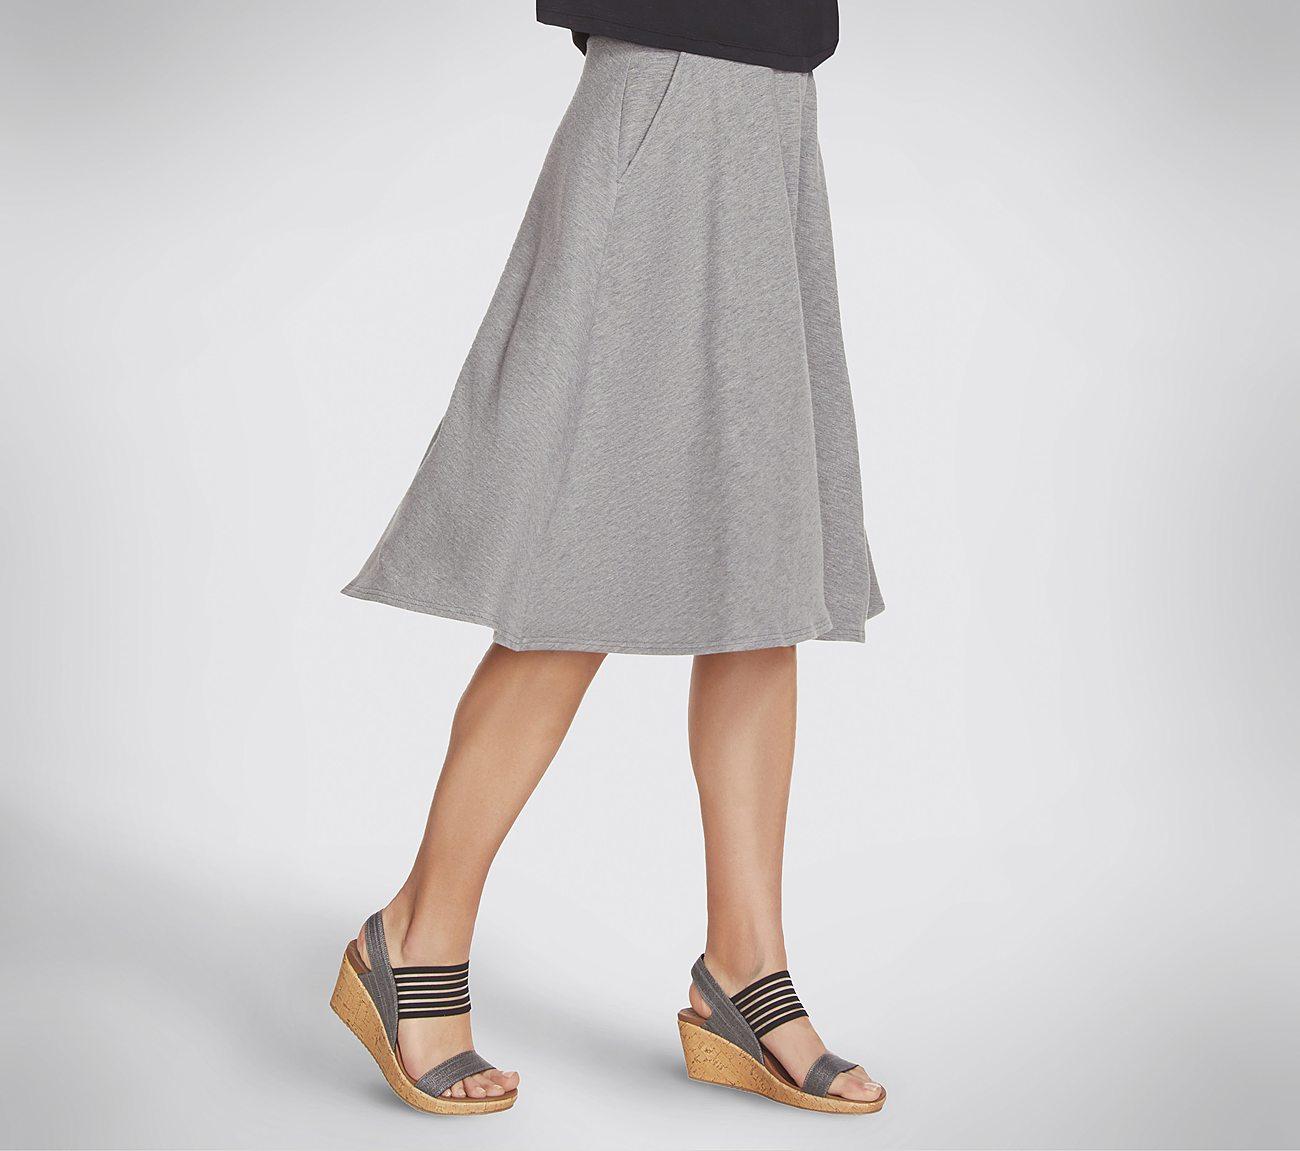 Skechers Apparel Arrival Swing Skirt